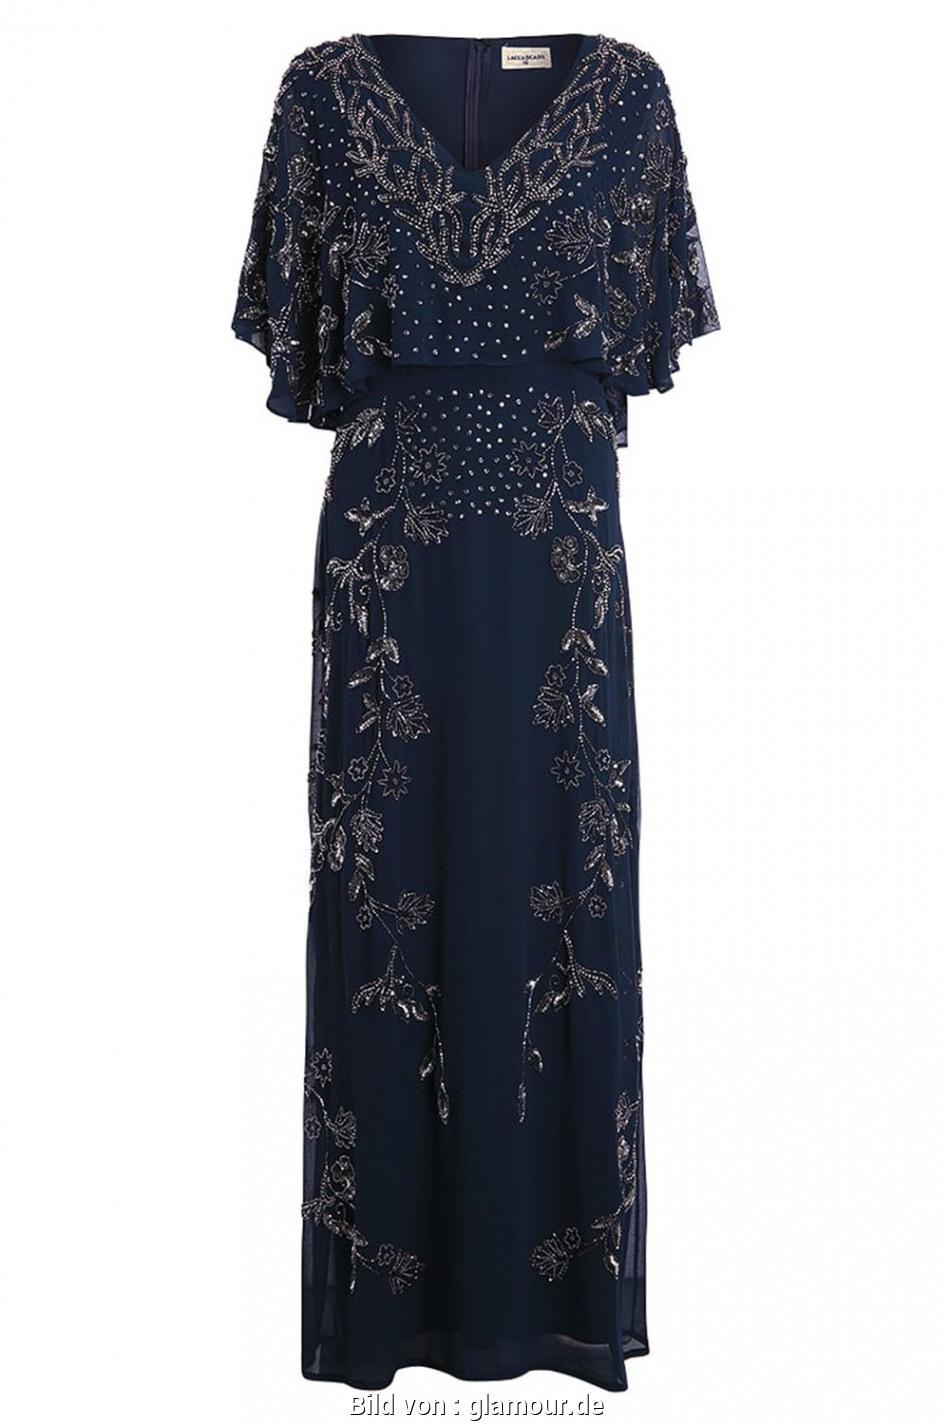 Designer Erstaunlich Zalando Damen Abend Kleider Spezialgebiet17 Einfach Zalando Damen Abend Kleider Galerie